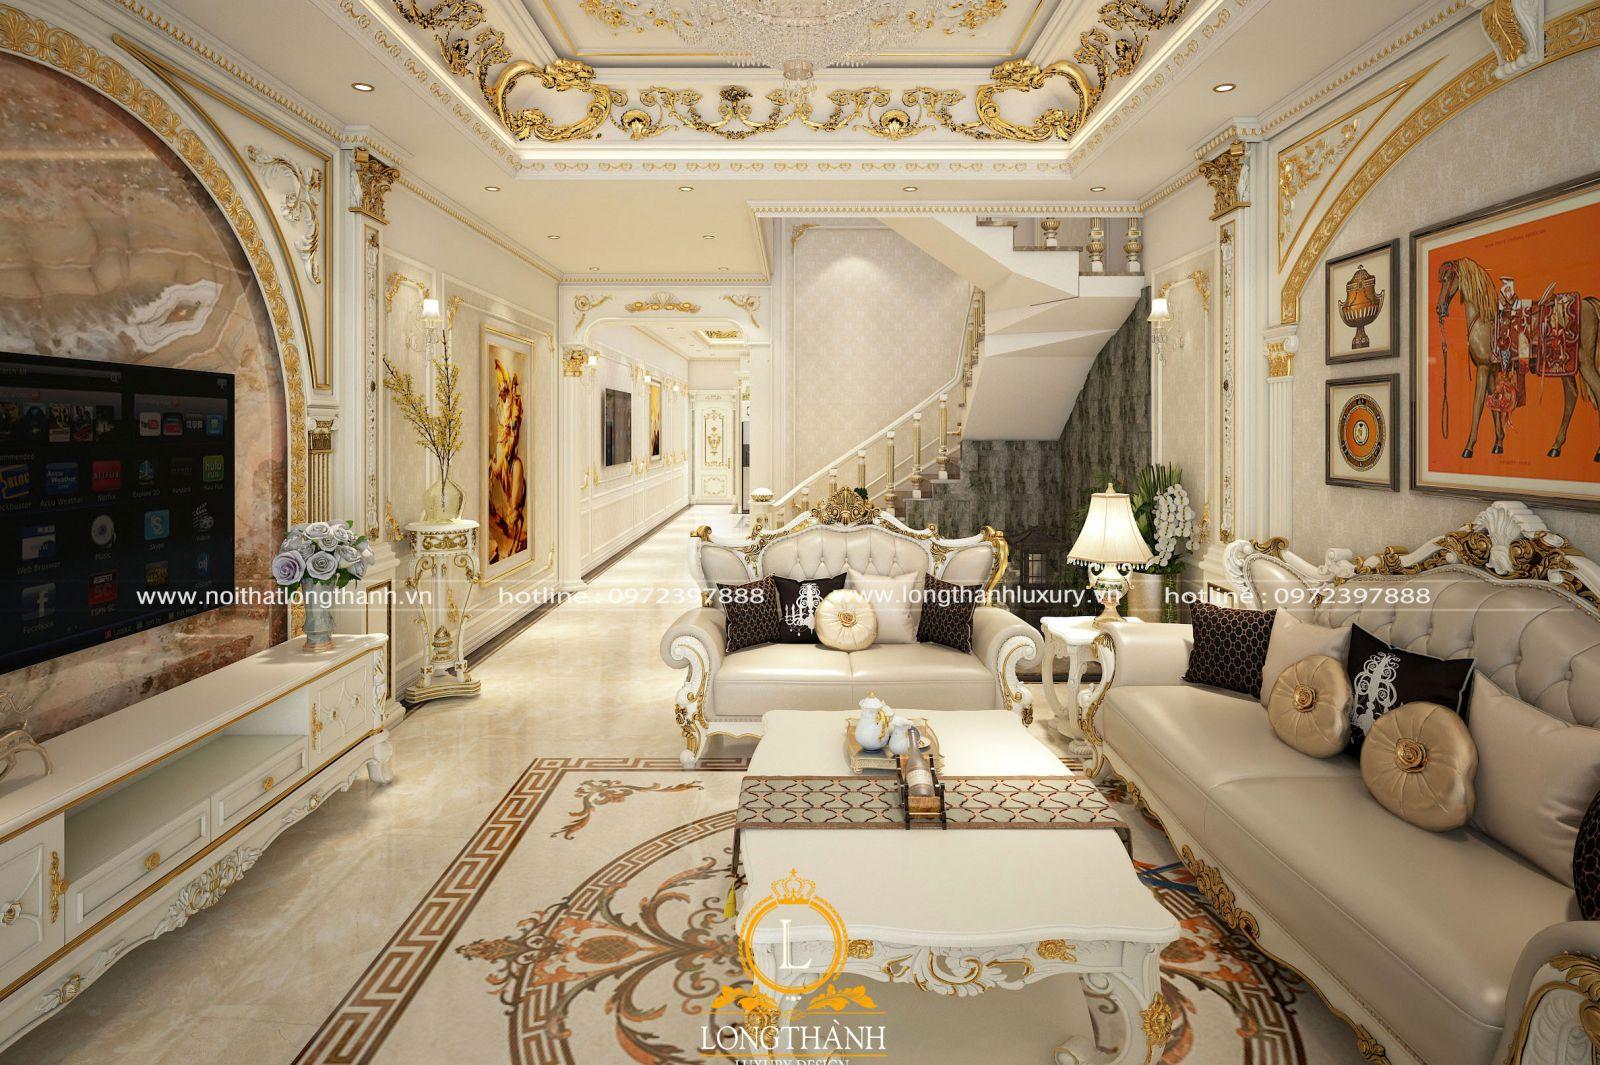 Nội thất tân cổ điển phòng khách sơn trắng lộng lấy và tinh tế